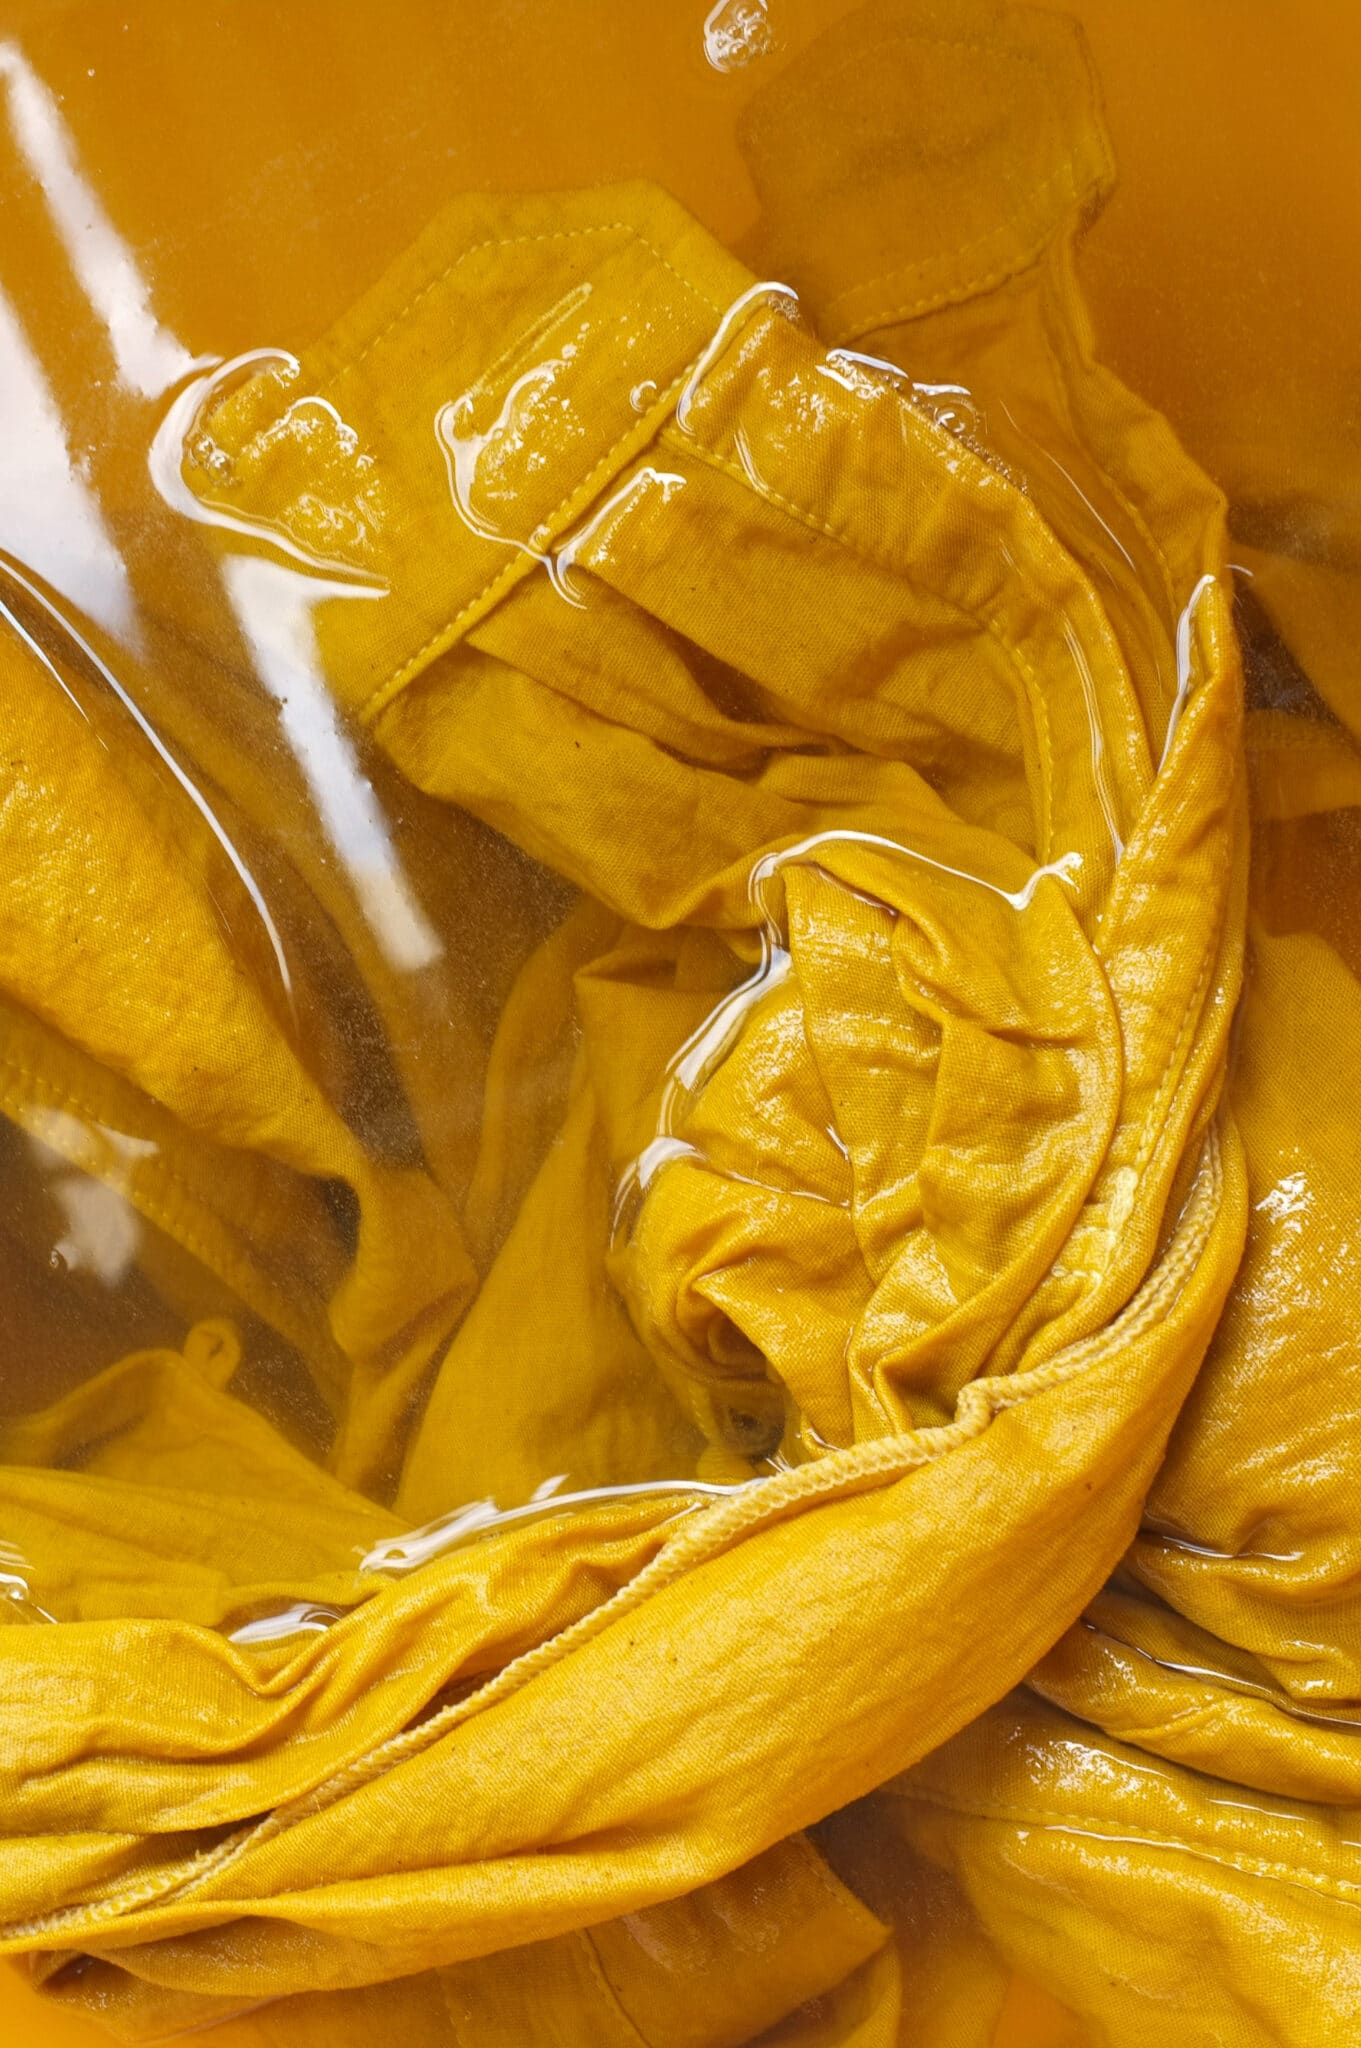 Gelber Stoff, der in einem Färbebad eingeweicht wird.